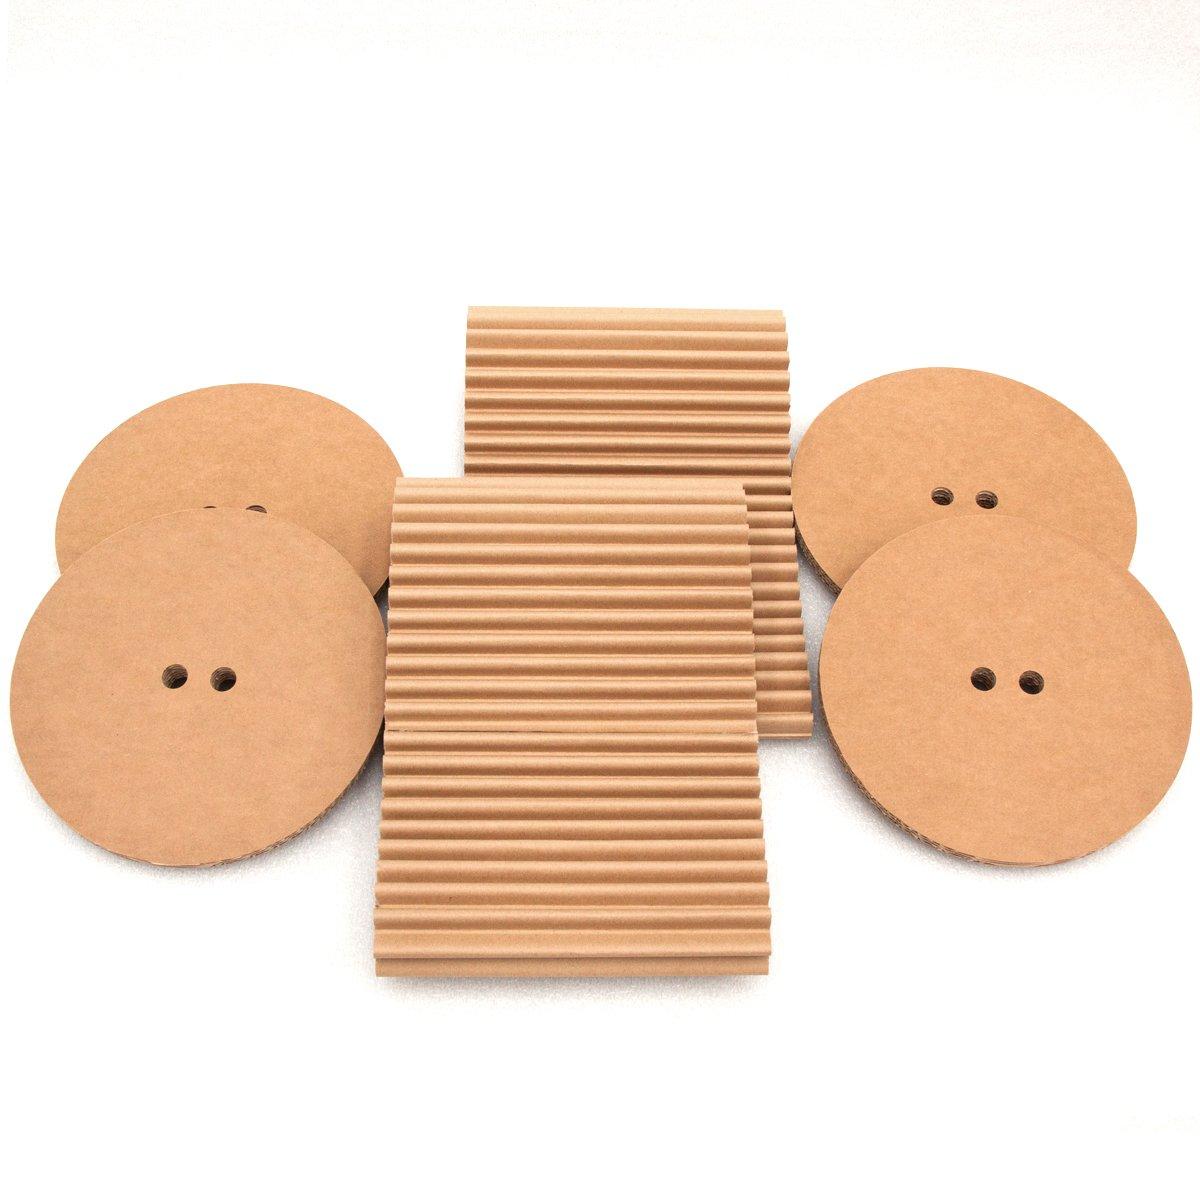 un nuevo tipo de cart/ó Conjunto de taburetes cArt/ù: dos peque/ños taburetes de almacenamiento robustos perfectos para las habitaciones de los ni/ños Realizados en cArt/ù pero tambi/én estupendos como mesitas de noche